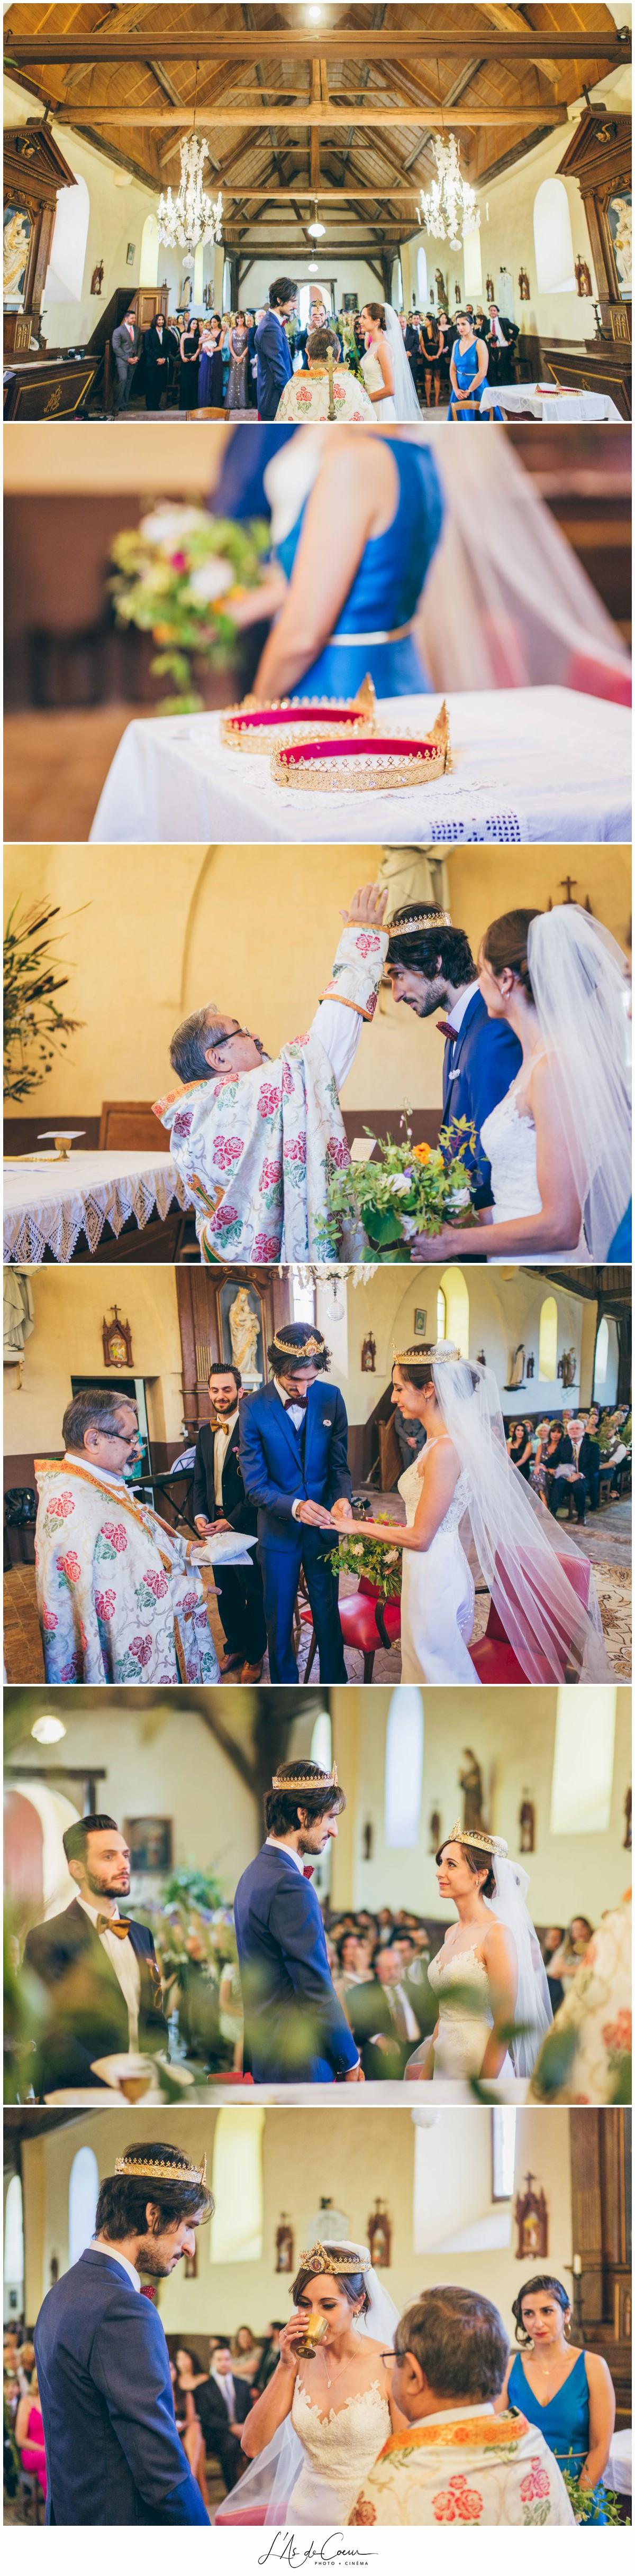 Cérémonie arménienne eglise mariage au Domaine des Evis ©lasdecoeurphoto